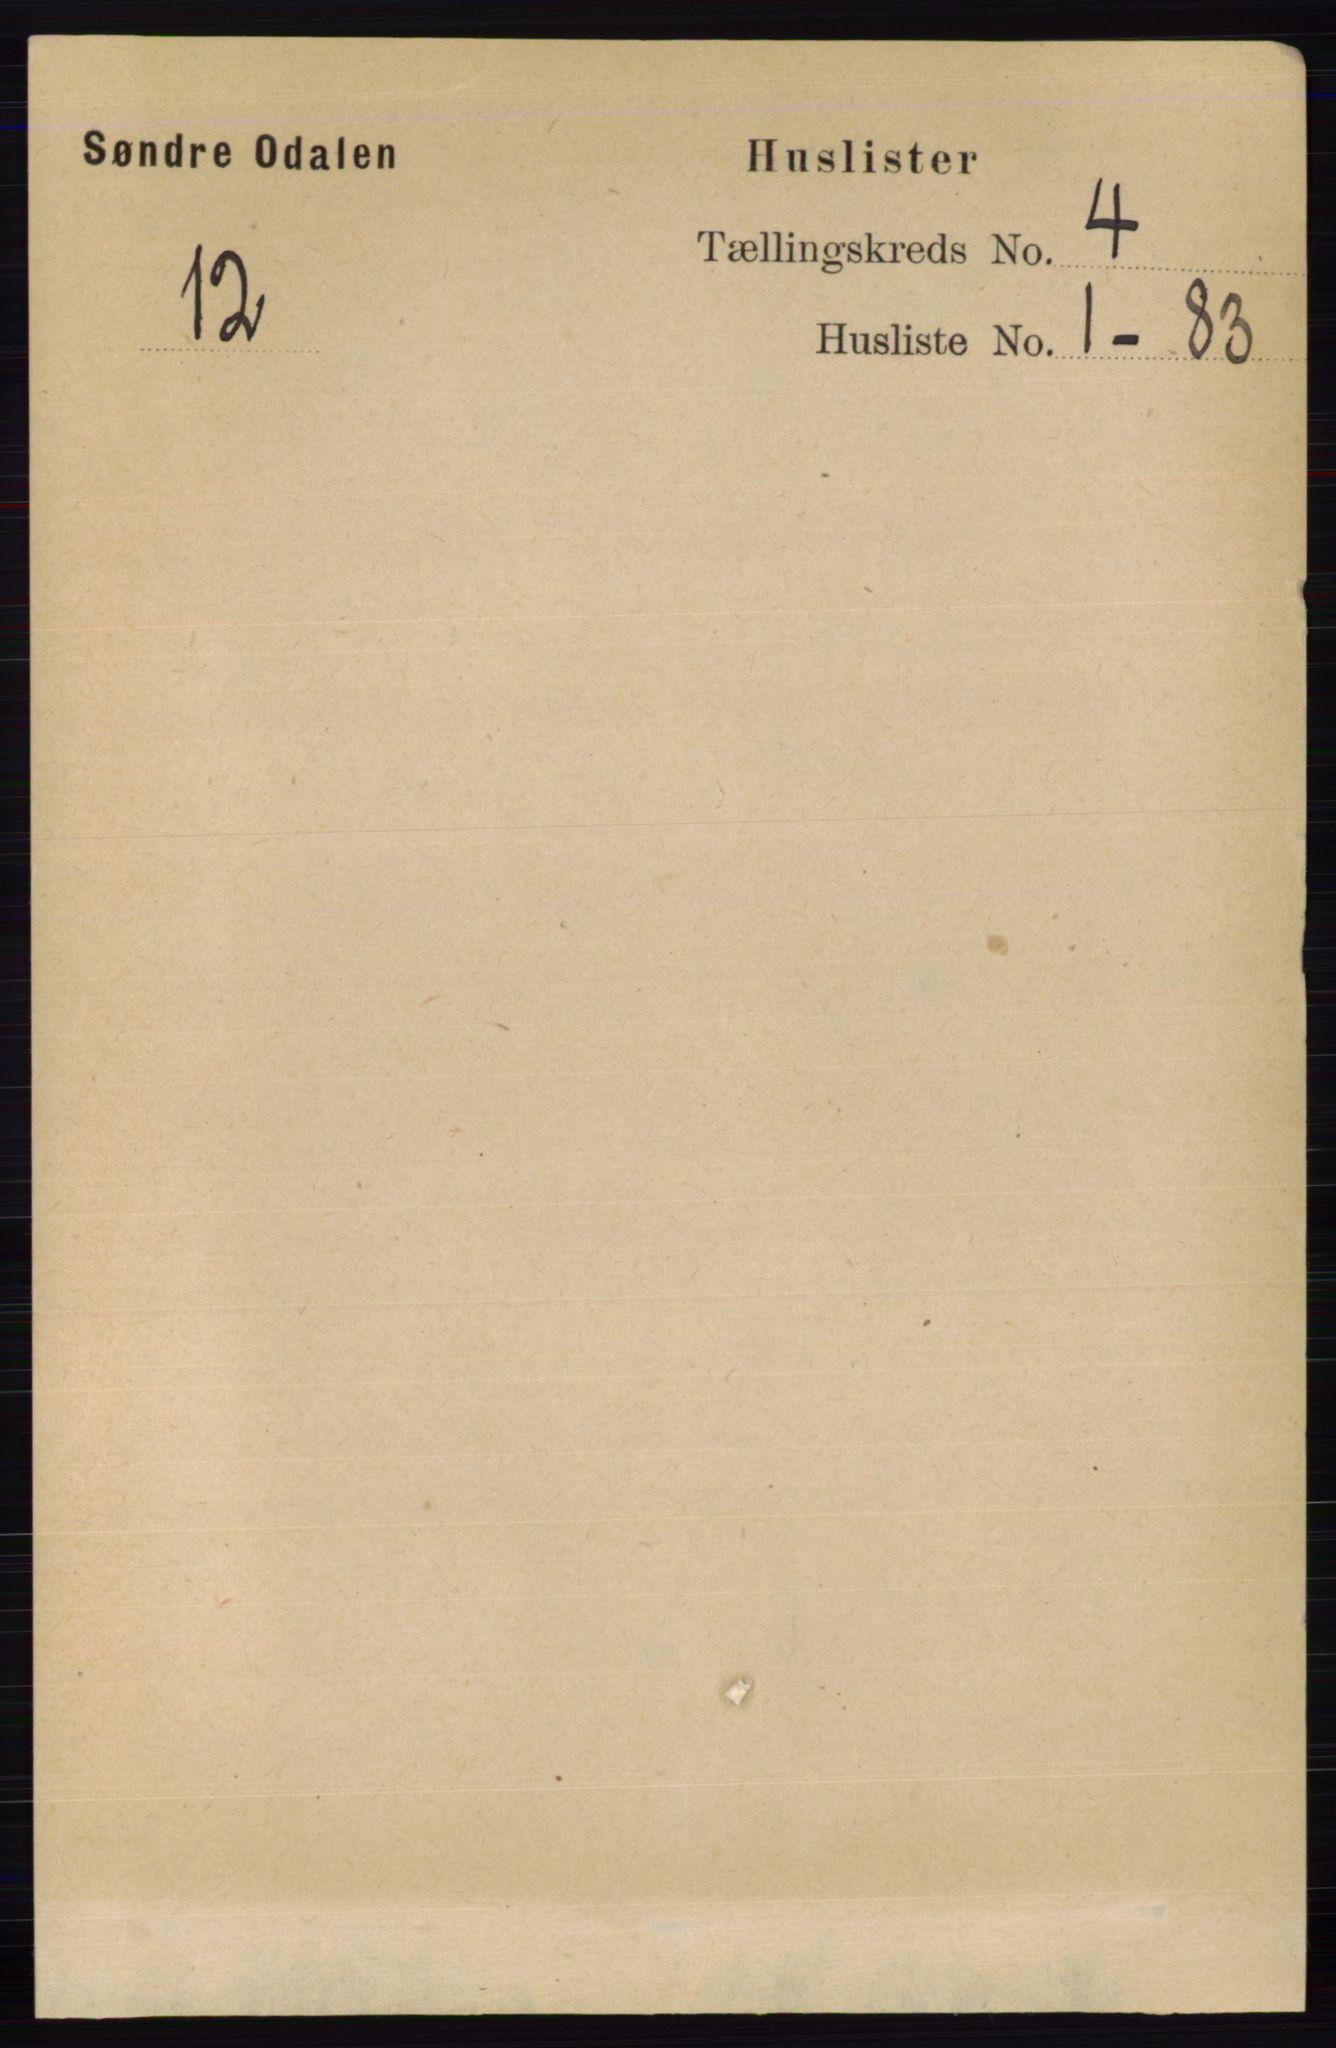 RA, Folketelling 1891 for 0419 Sør-Odal herred, 1891, s. 1651